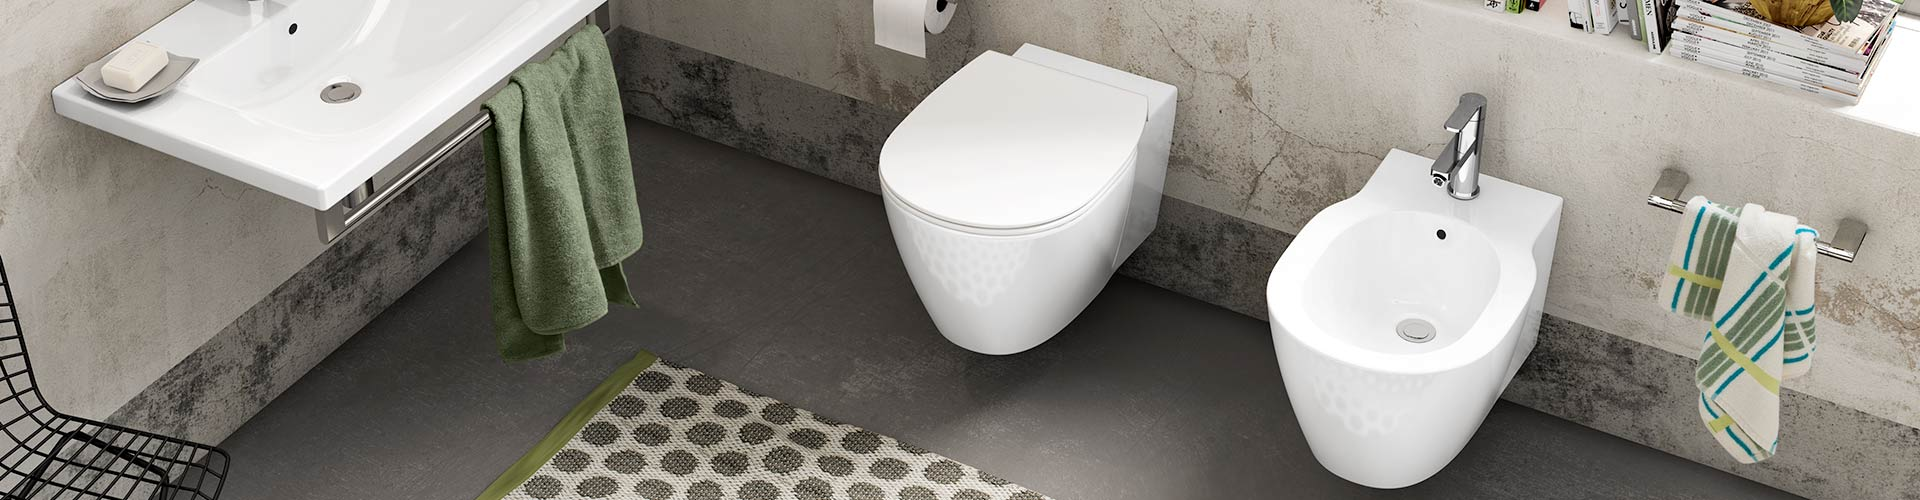 Sanitari bagno ideal standard carboni casa for Sanitari bagno ideal standard